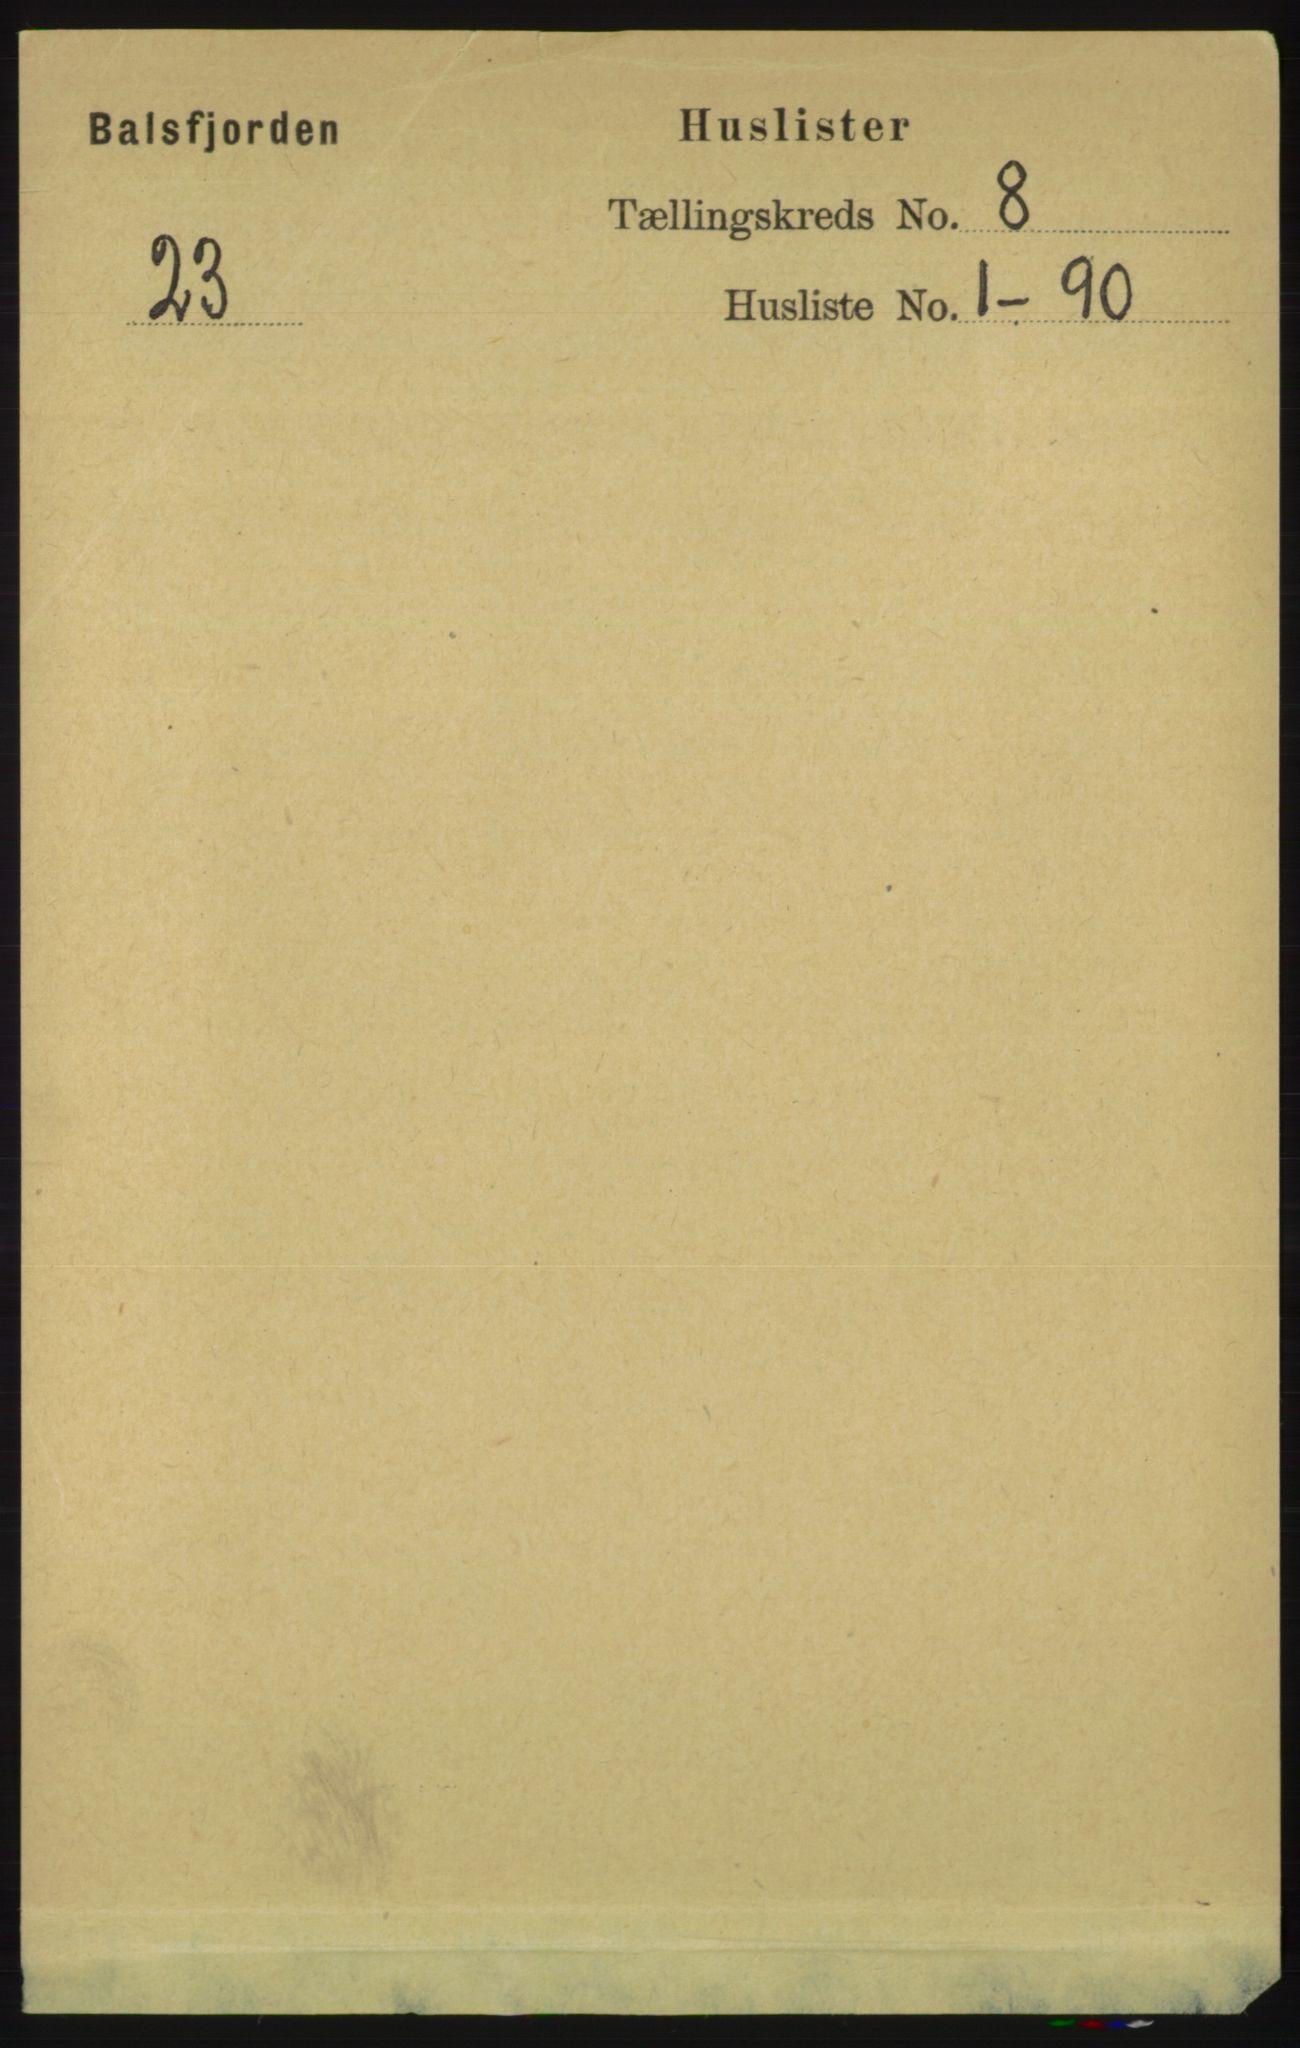 RA, Folketelling 1891 for 1933 Balsfjord herred, 1891, s. 2363